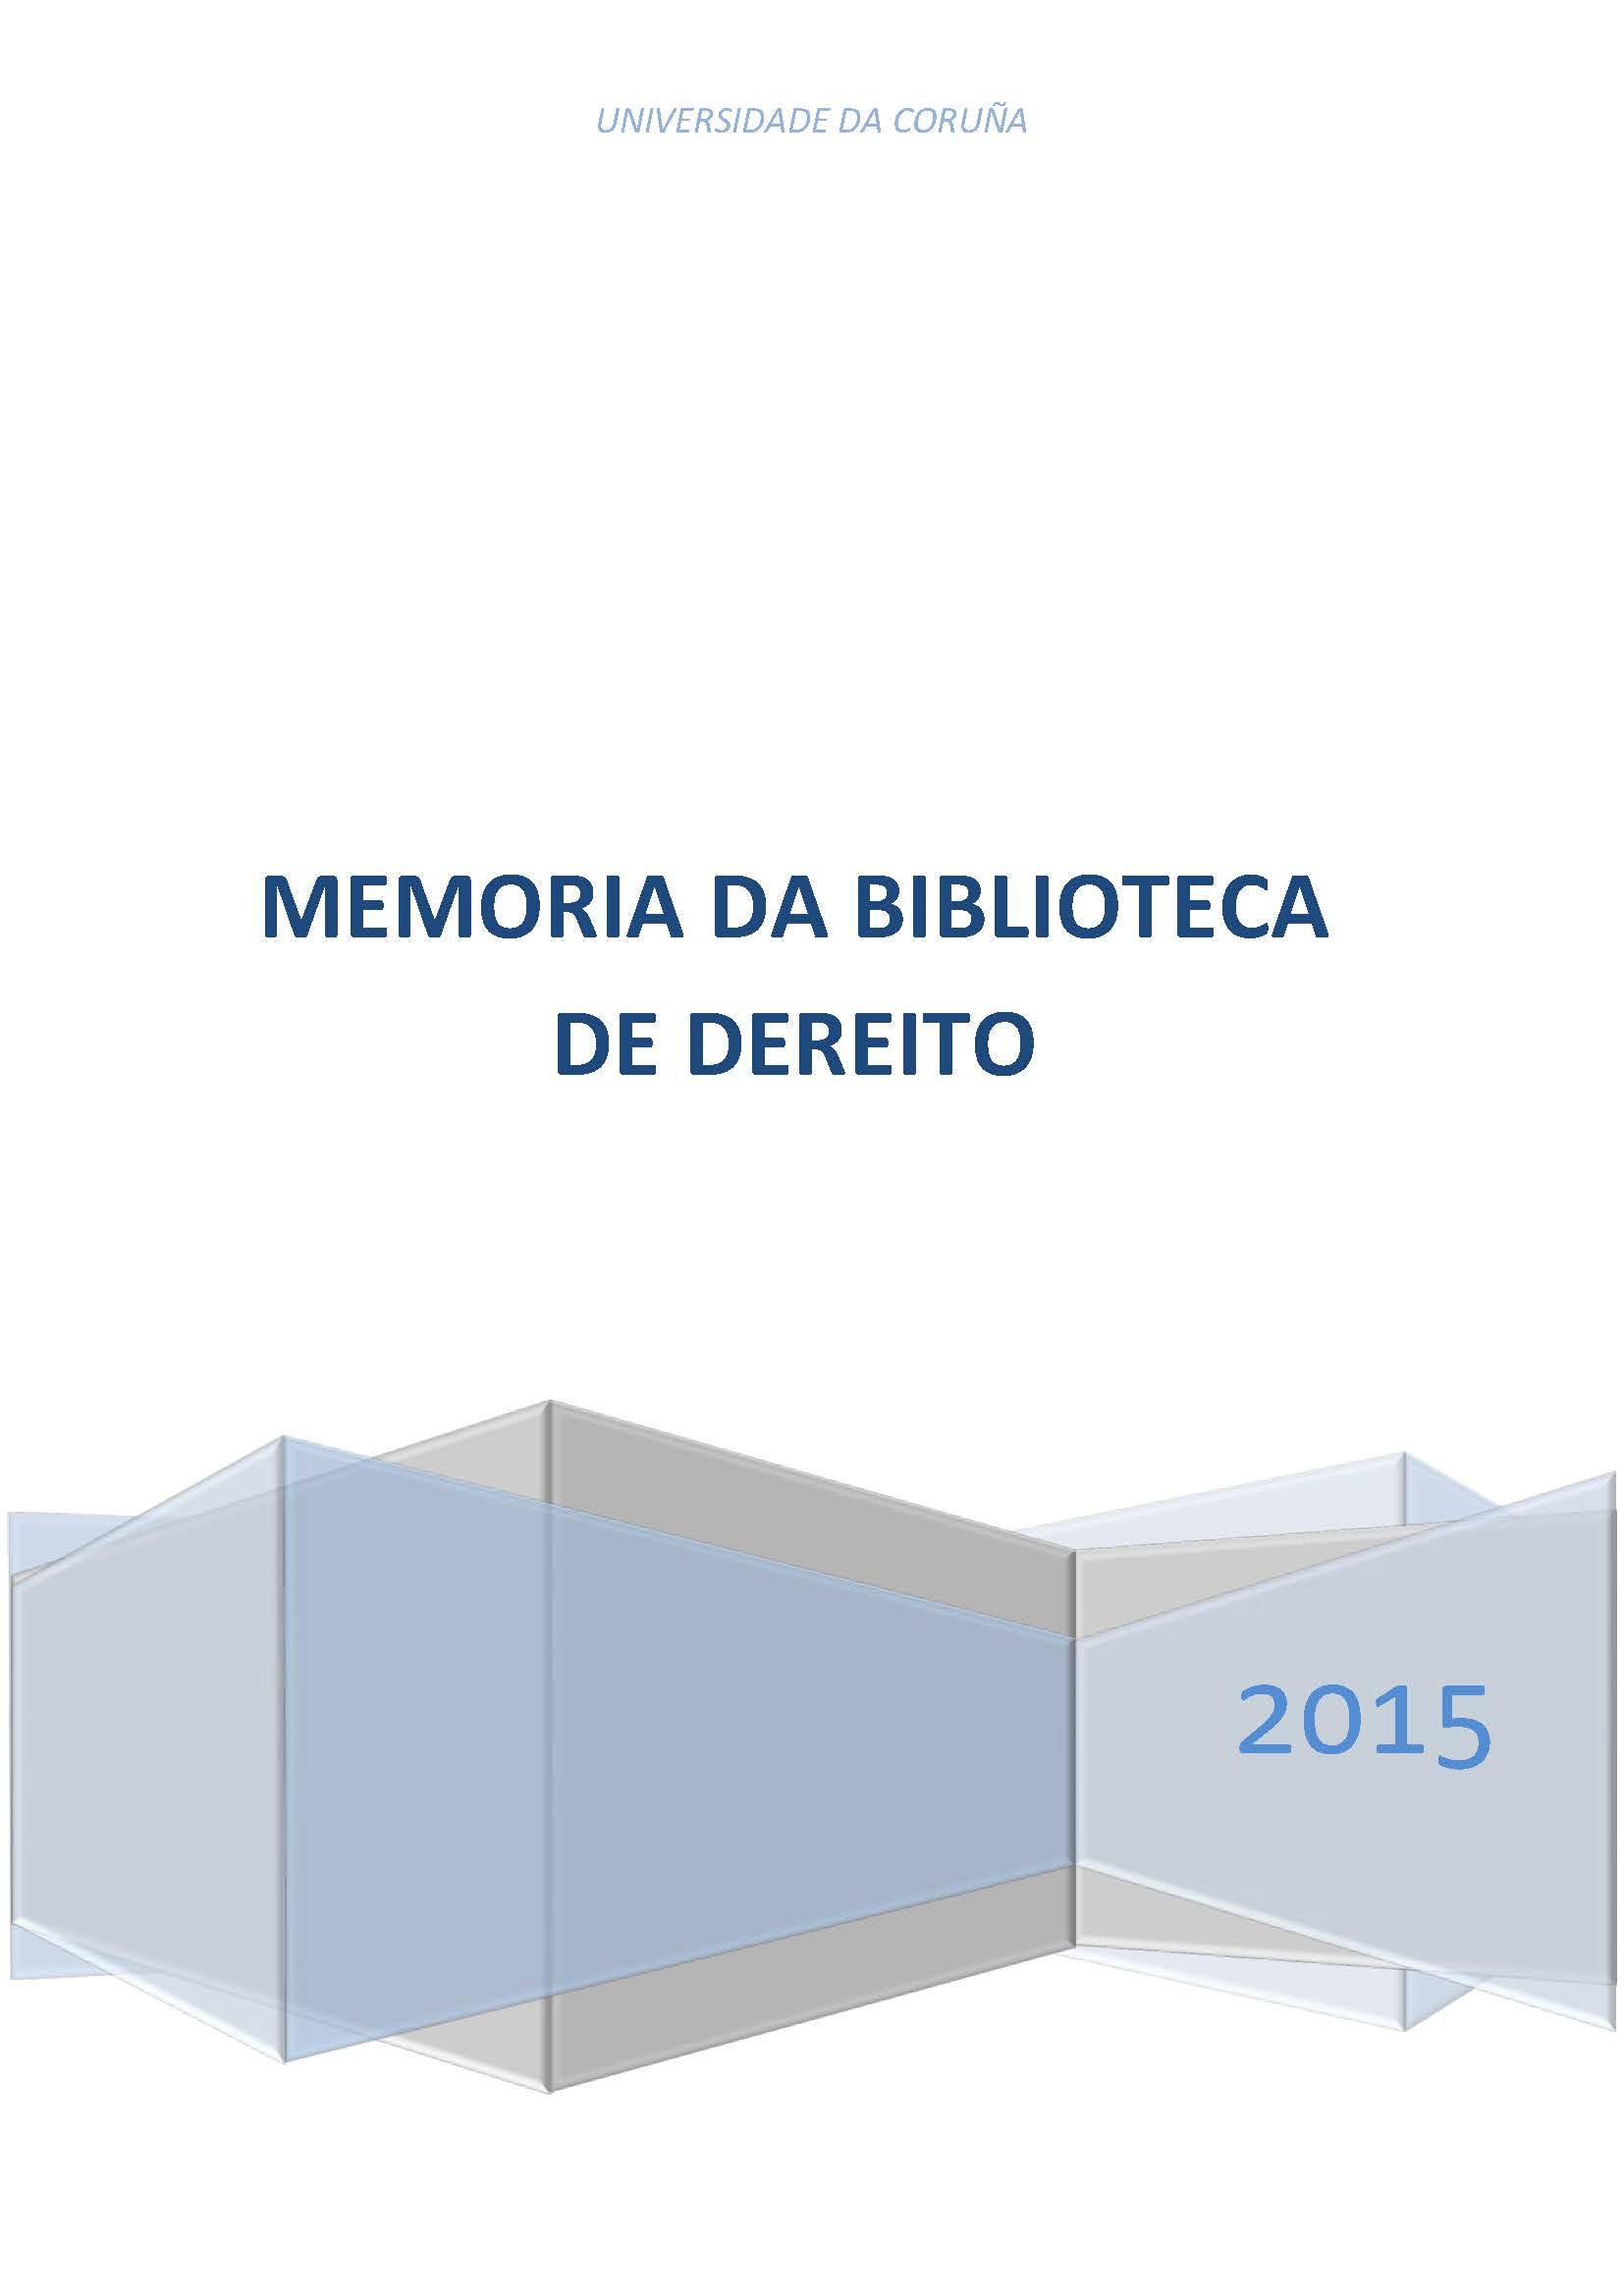 Memorias da Biblioteca de Dereito - photo#32